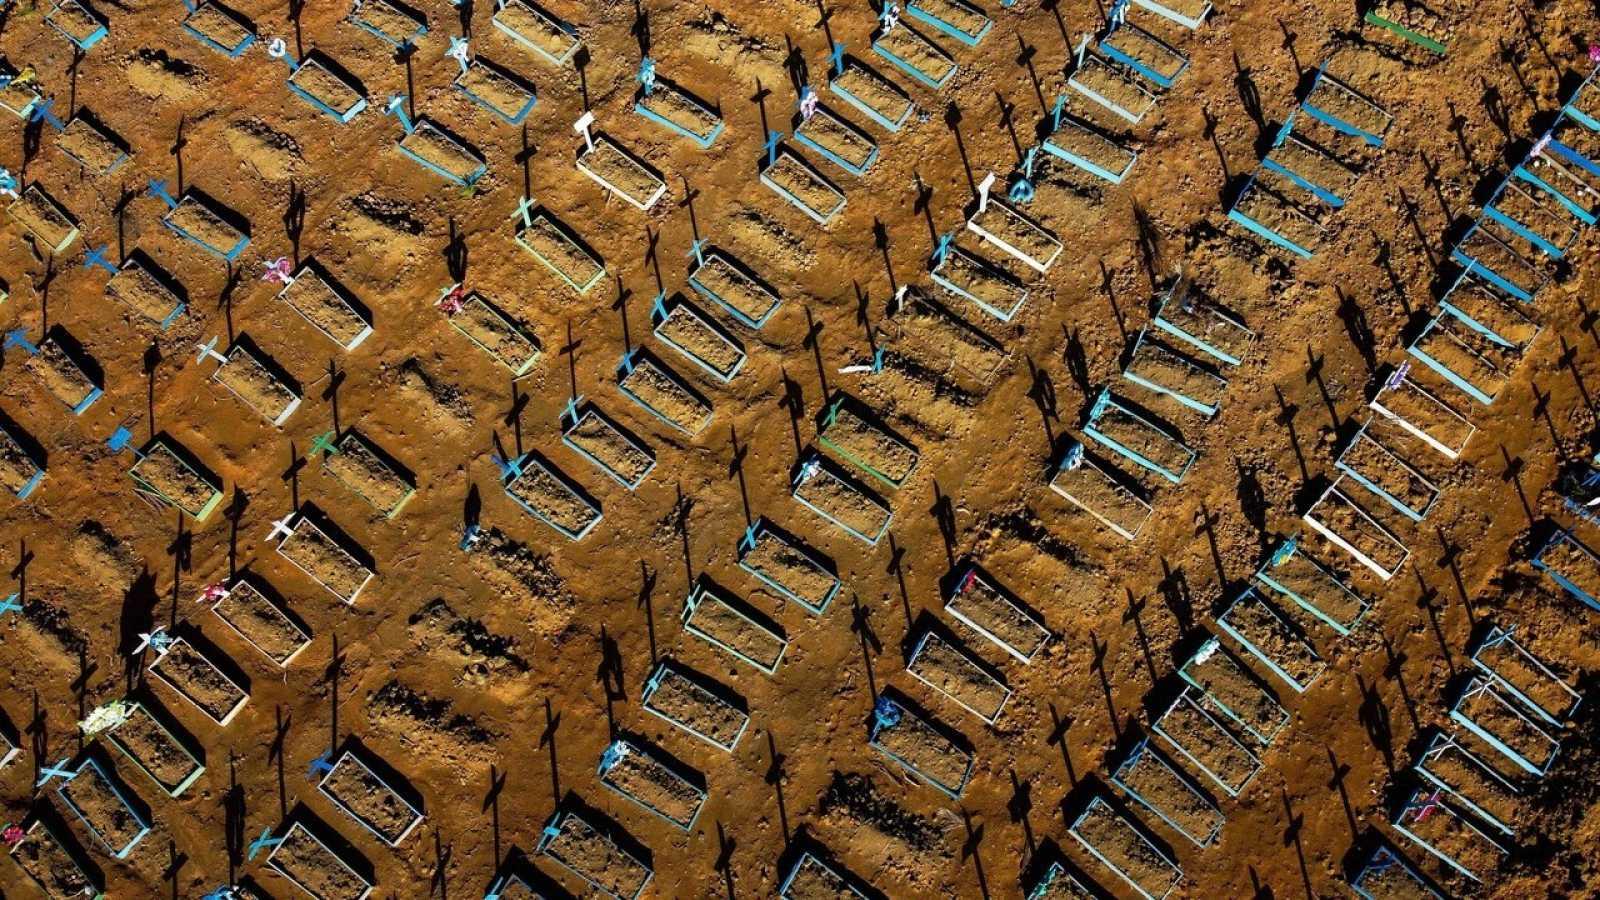 Vista aérea del cementerio de Nossa Senhora Aparecida en Manaos, Brasil